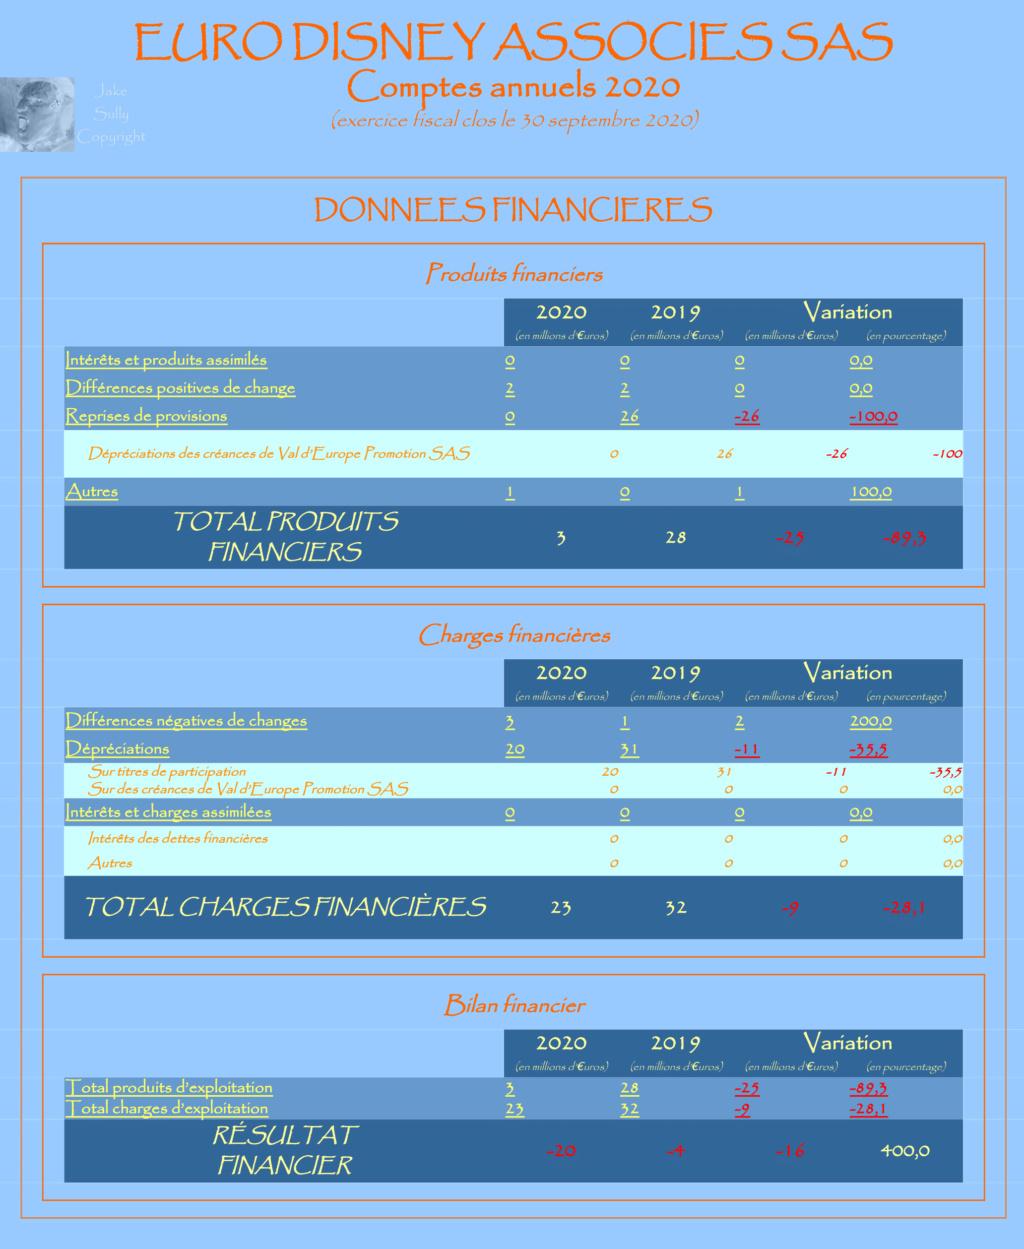 Résultats annuels Euro Disney Associés SAS - Résultats 2020 en Page 2 - Page 2 2_fina10